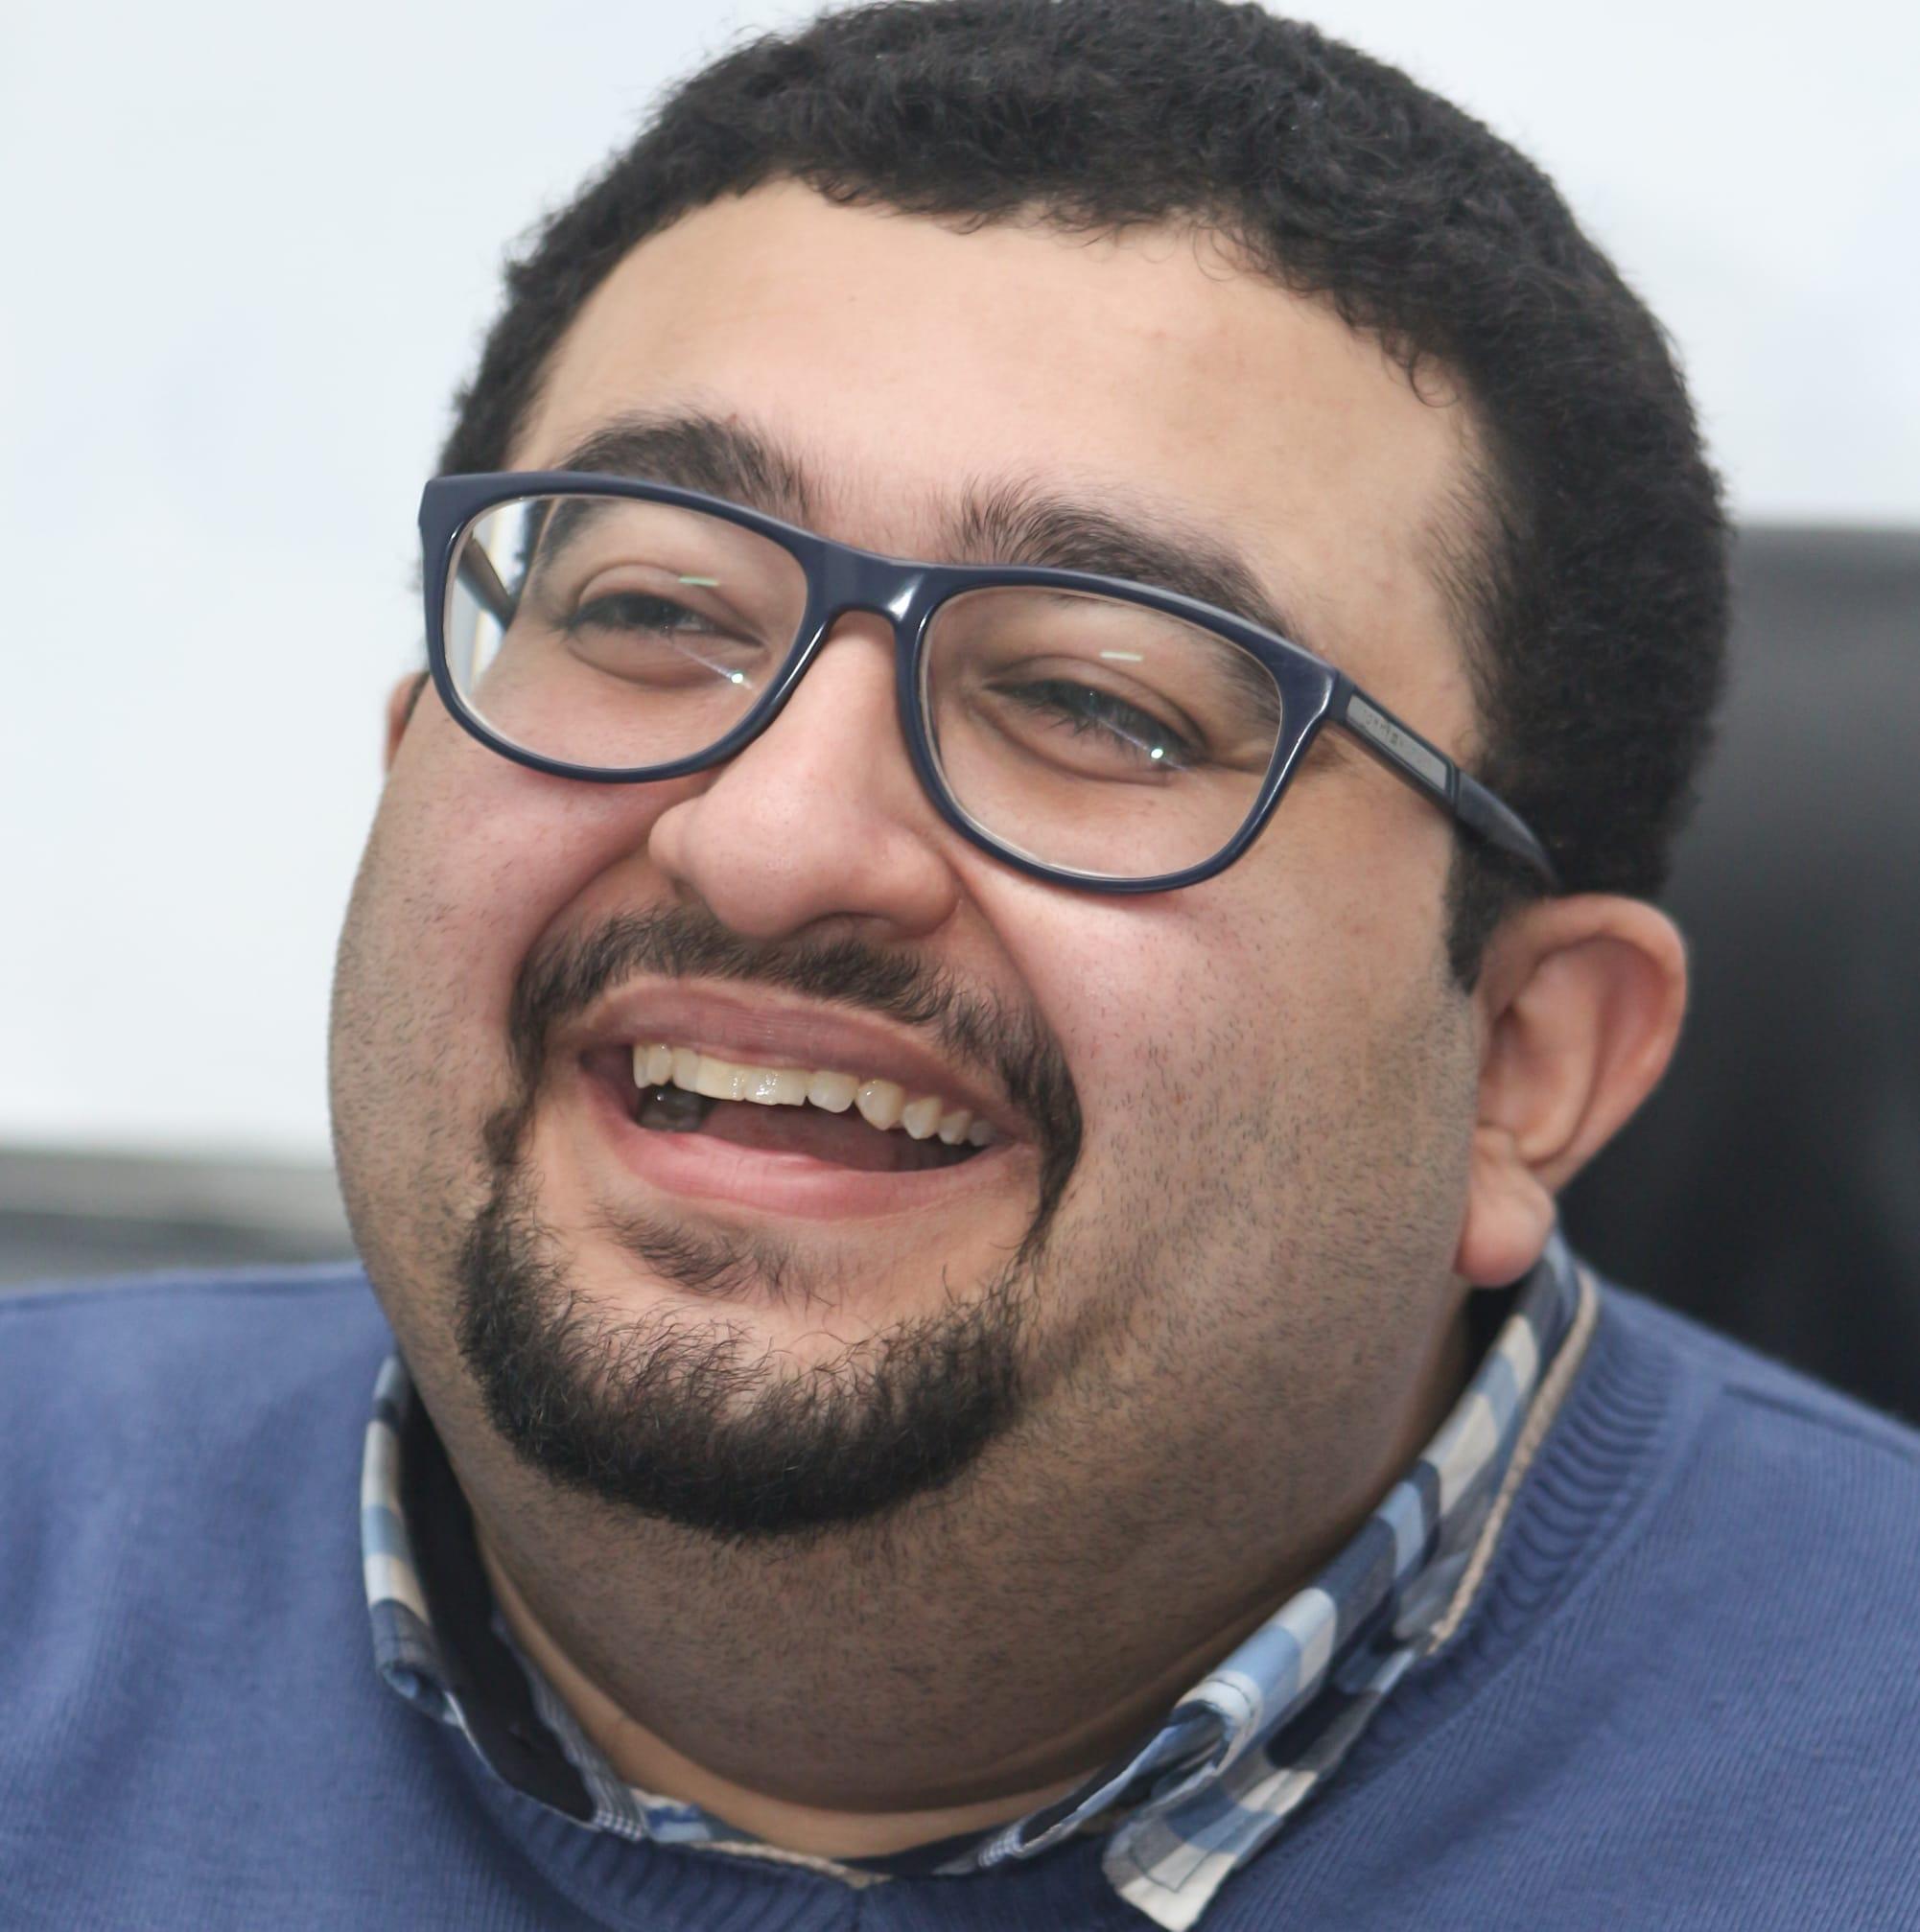 MohamedRamadanHussein@arabp2p.com